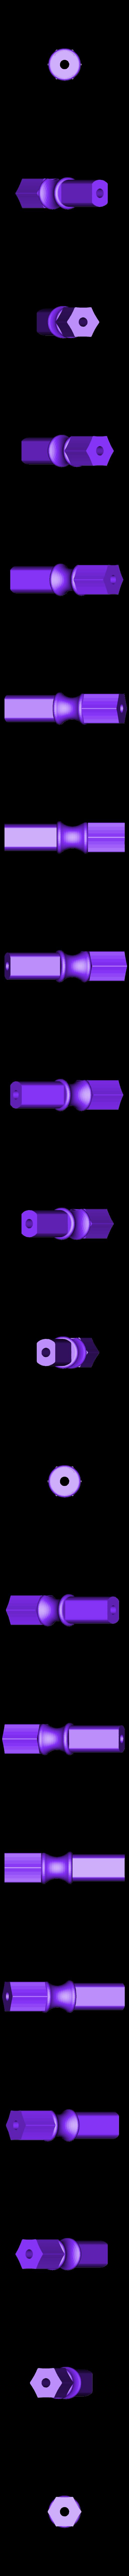 Shaft1_6a.stl Télécharger fichier STL gratuit Remix du support de roulement IQBX • Modèle à imprimer en 3D, SiberK